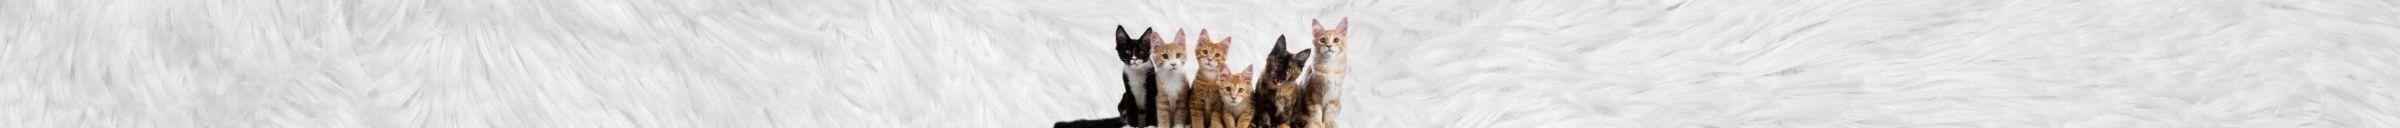 kintone ポータル スペース カバー画像(猫シリーズ)142